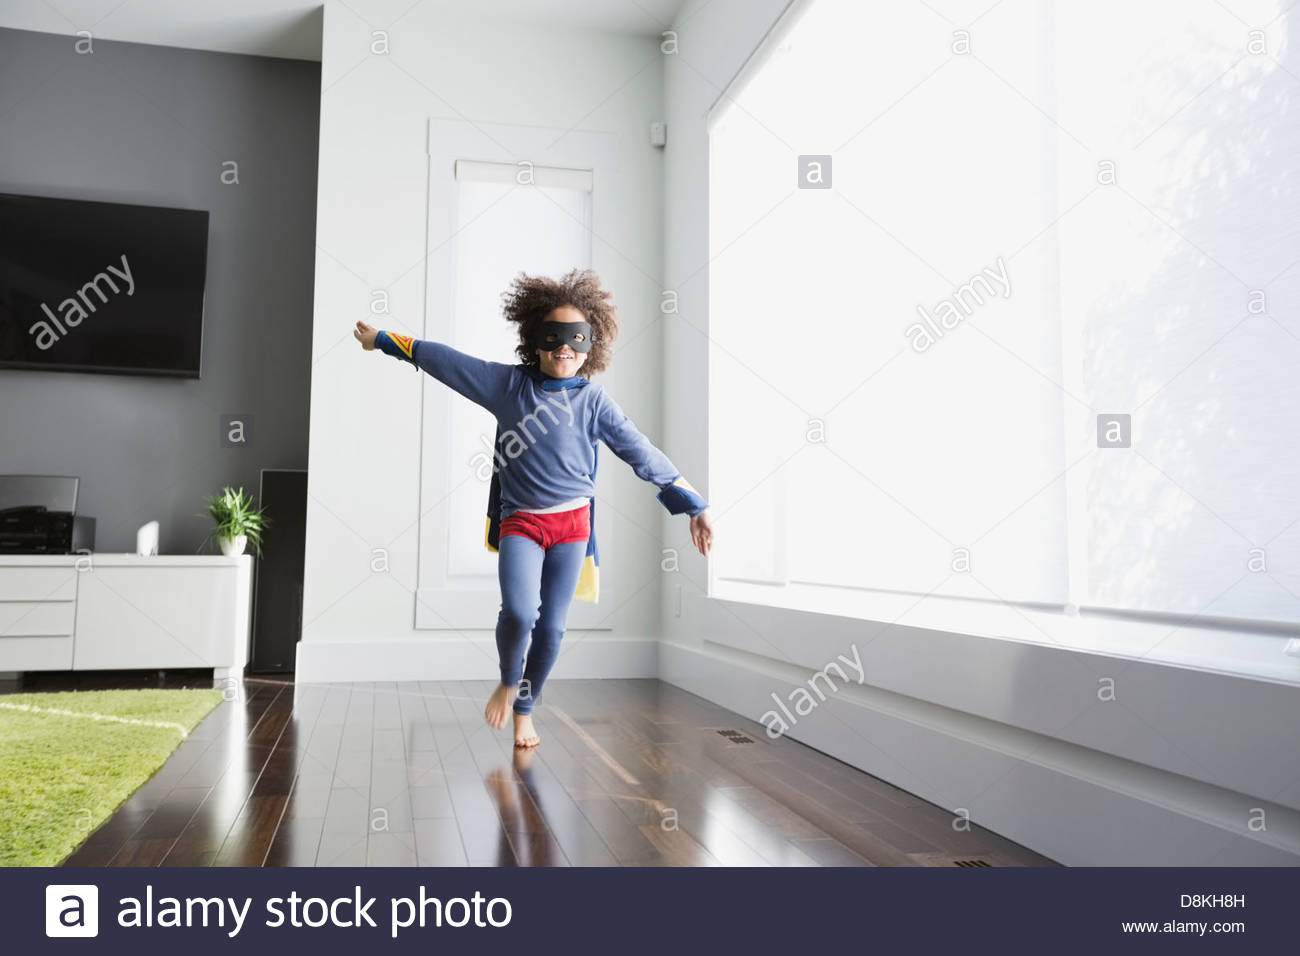 Chico fingiendo ser superhéroe en casa Imagen De Stock